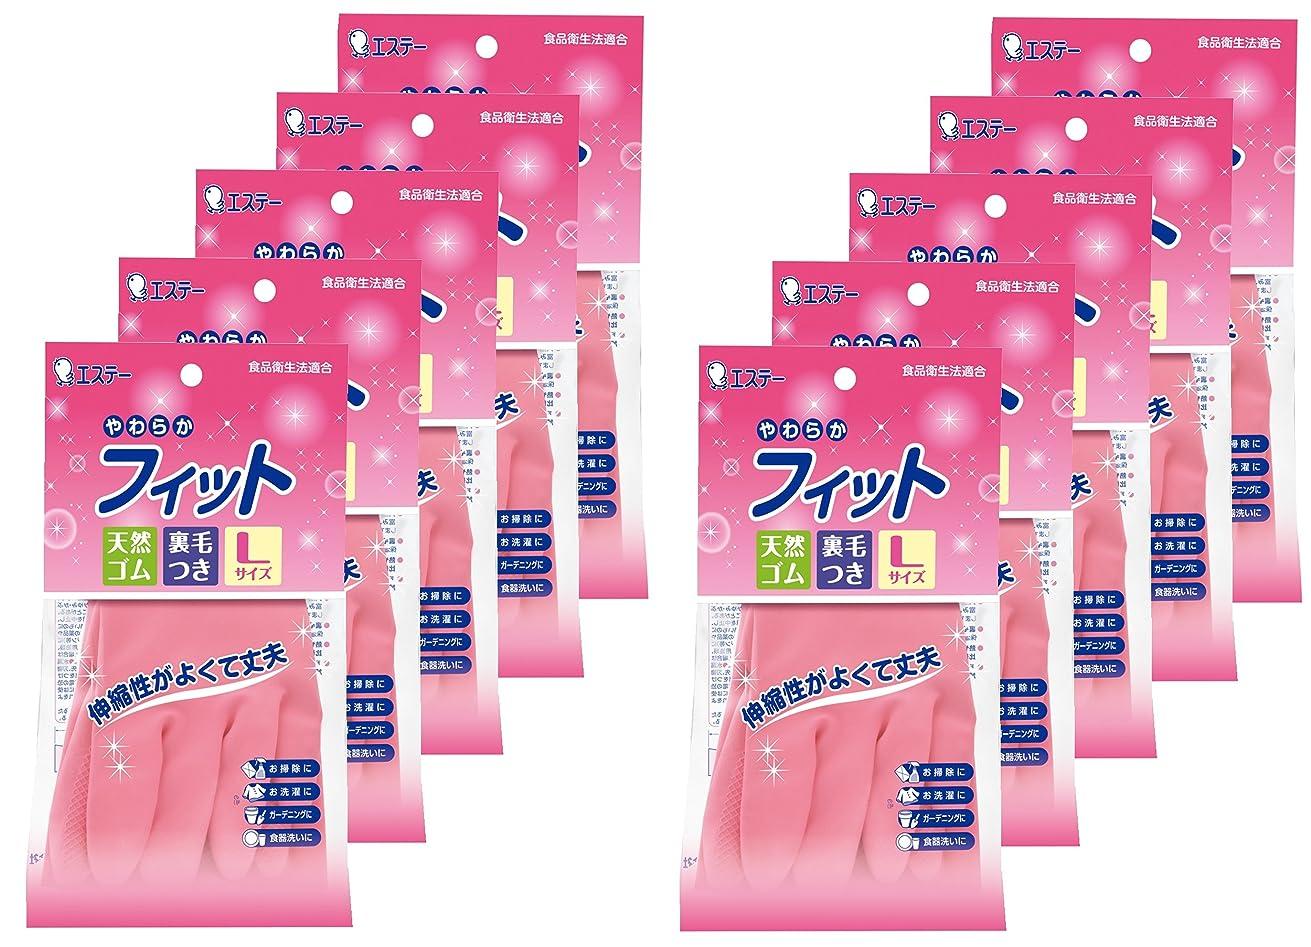 コンプライアンス課すオゾン【まとめ買い】 やわらかフィット 天然ゴム 手袋 掃除?洗濯用 使い捨て キッチン Lサイズ ピンク×10双